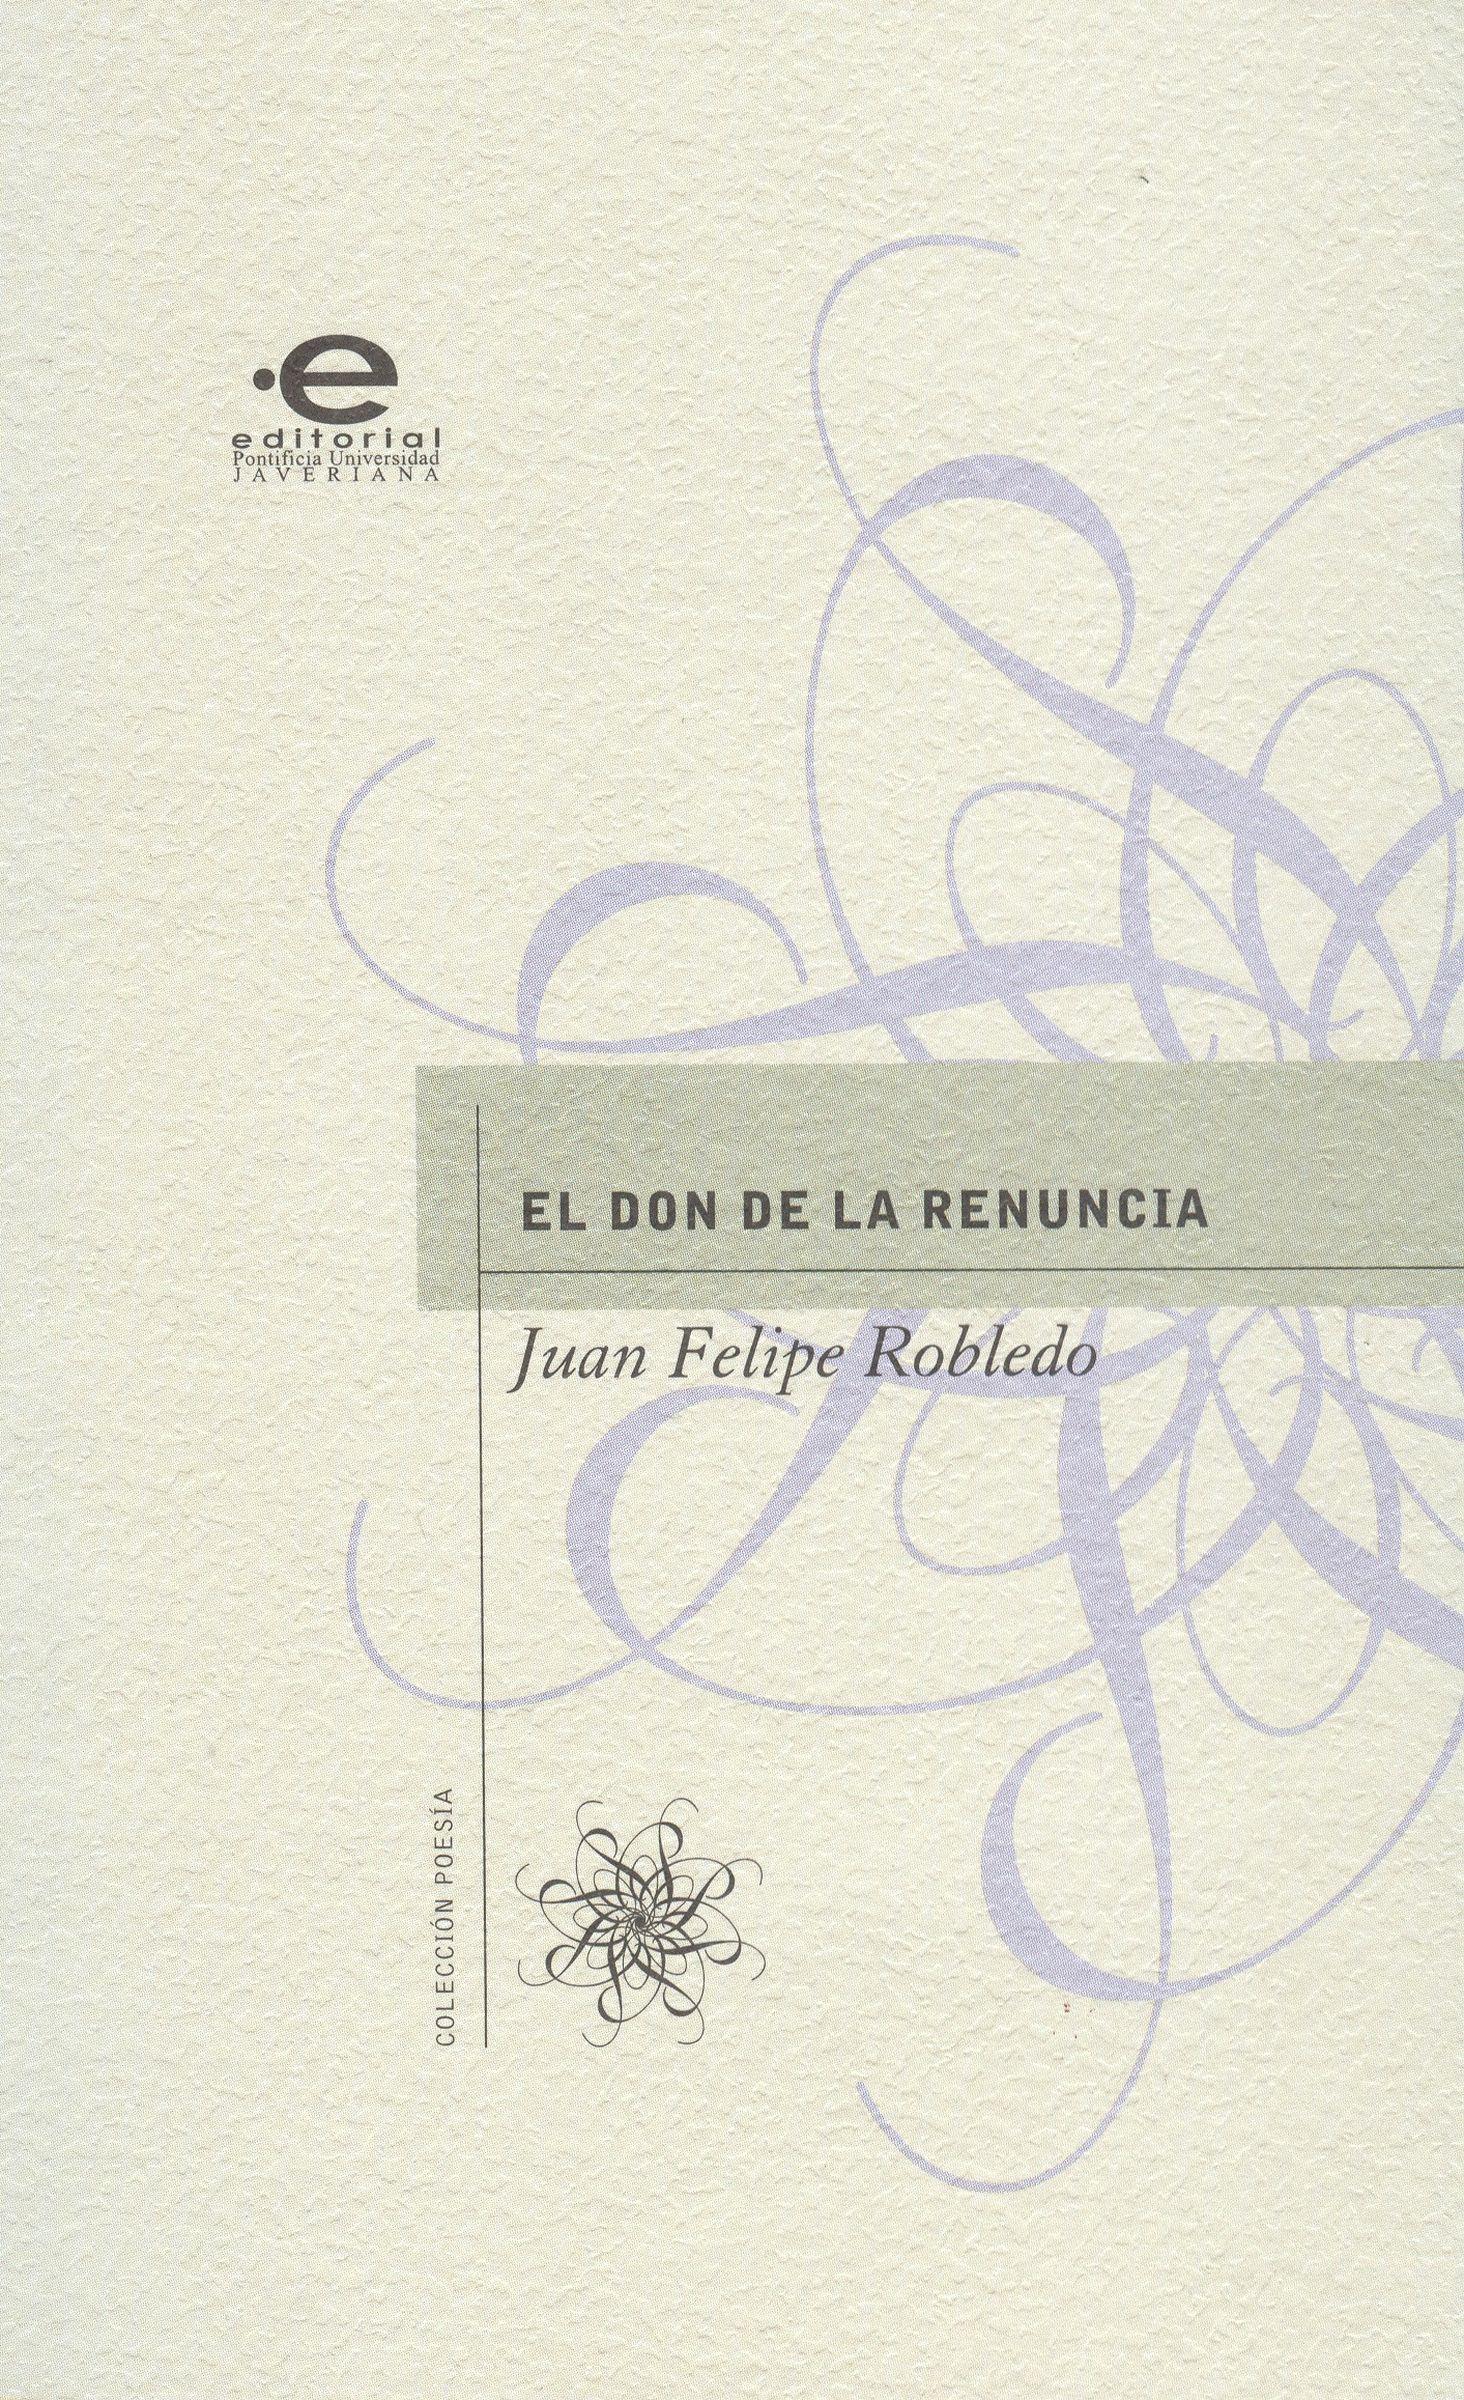 Juan Felipe, Robledo El don de la renuncia vlad ber happy mike and the new don juan